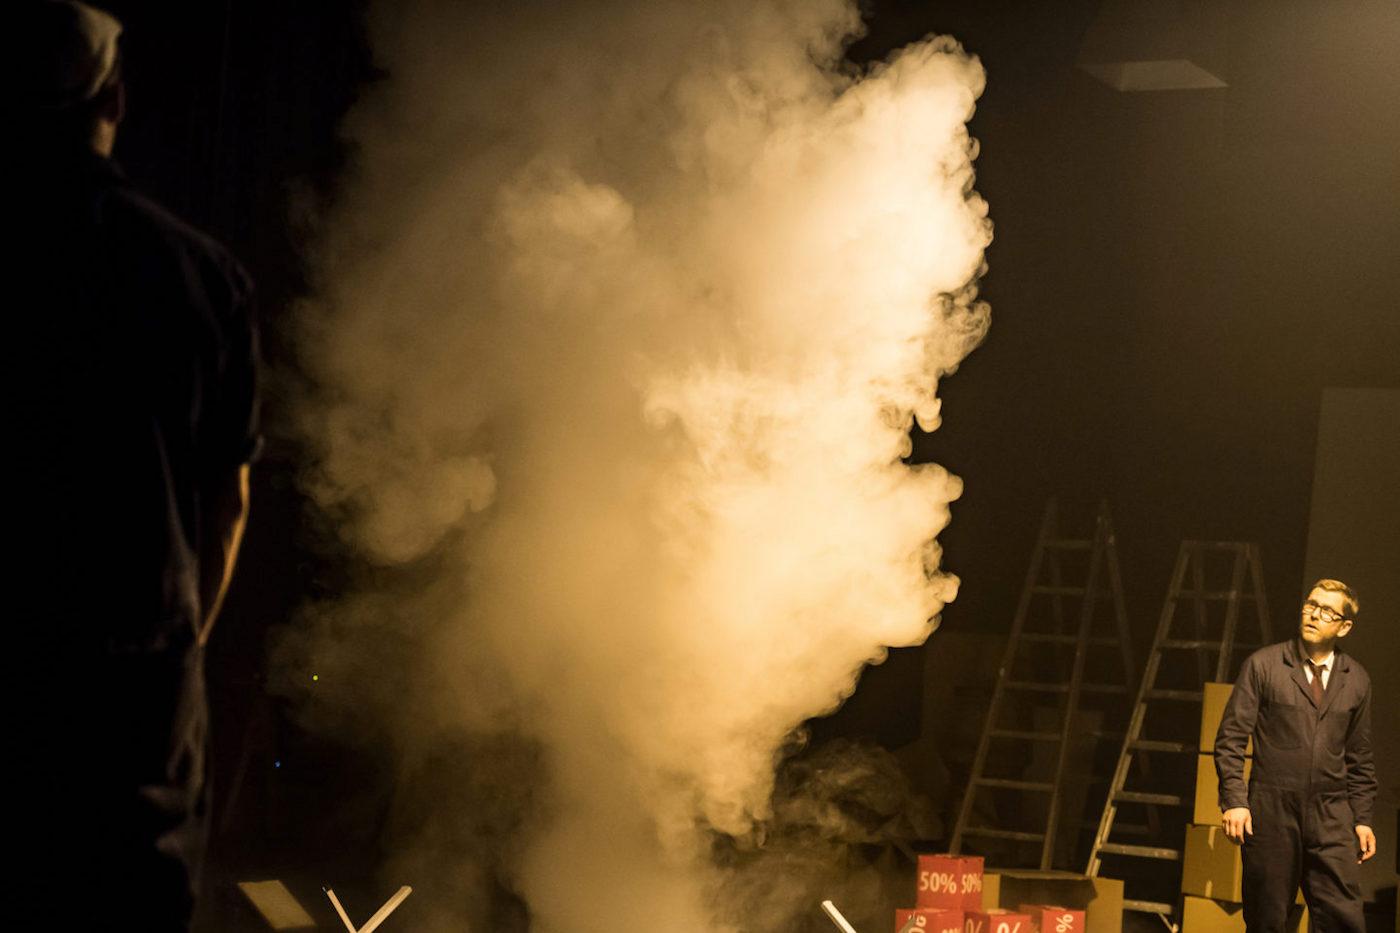 Nebelwissen aus 225 Jahren Firmengeschichte wird aufgefahren: Die neuste Produktion des Schweizer Theaterkünstlers Thom Luz.